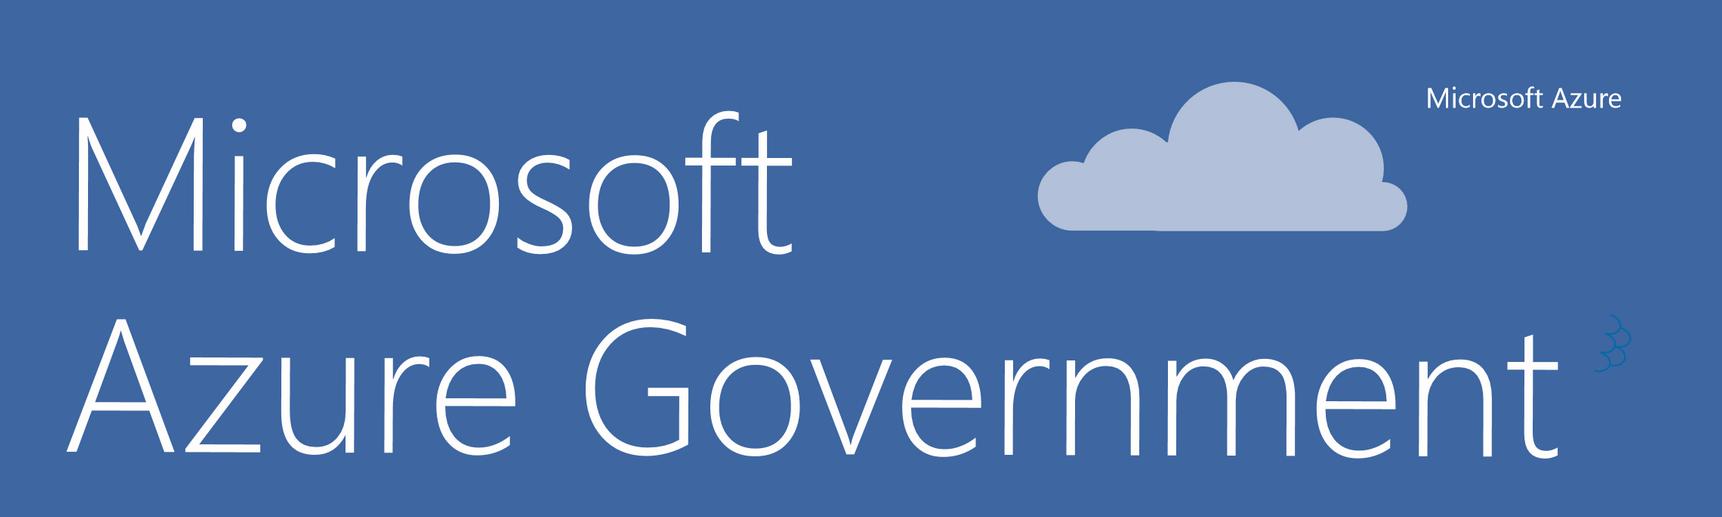 MicrosoftAzuregov